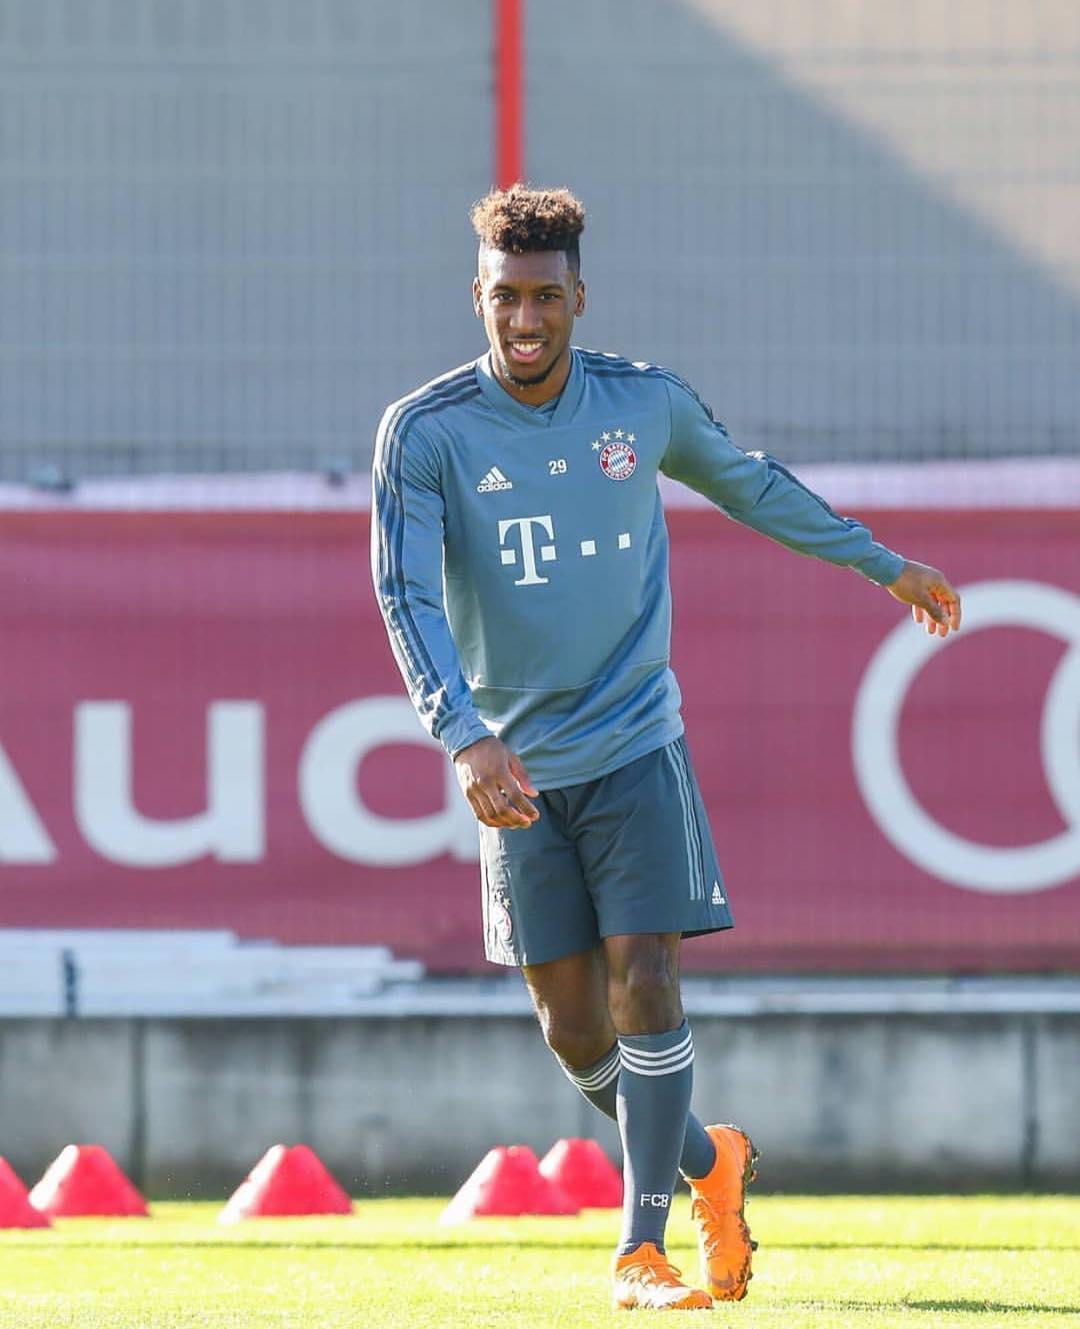 科曼:当然希望萨内能来, 现在拜仁缺了两个边锋